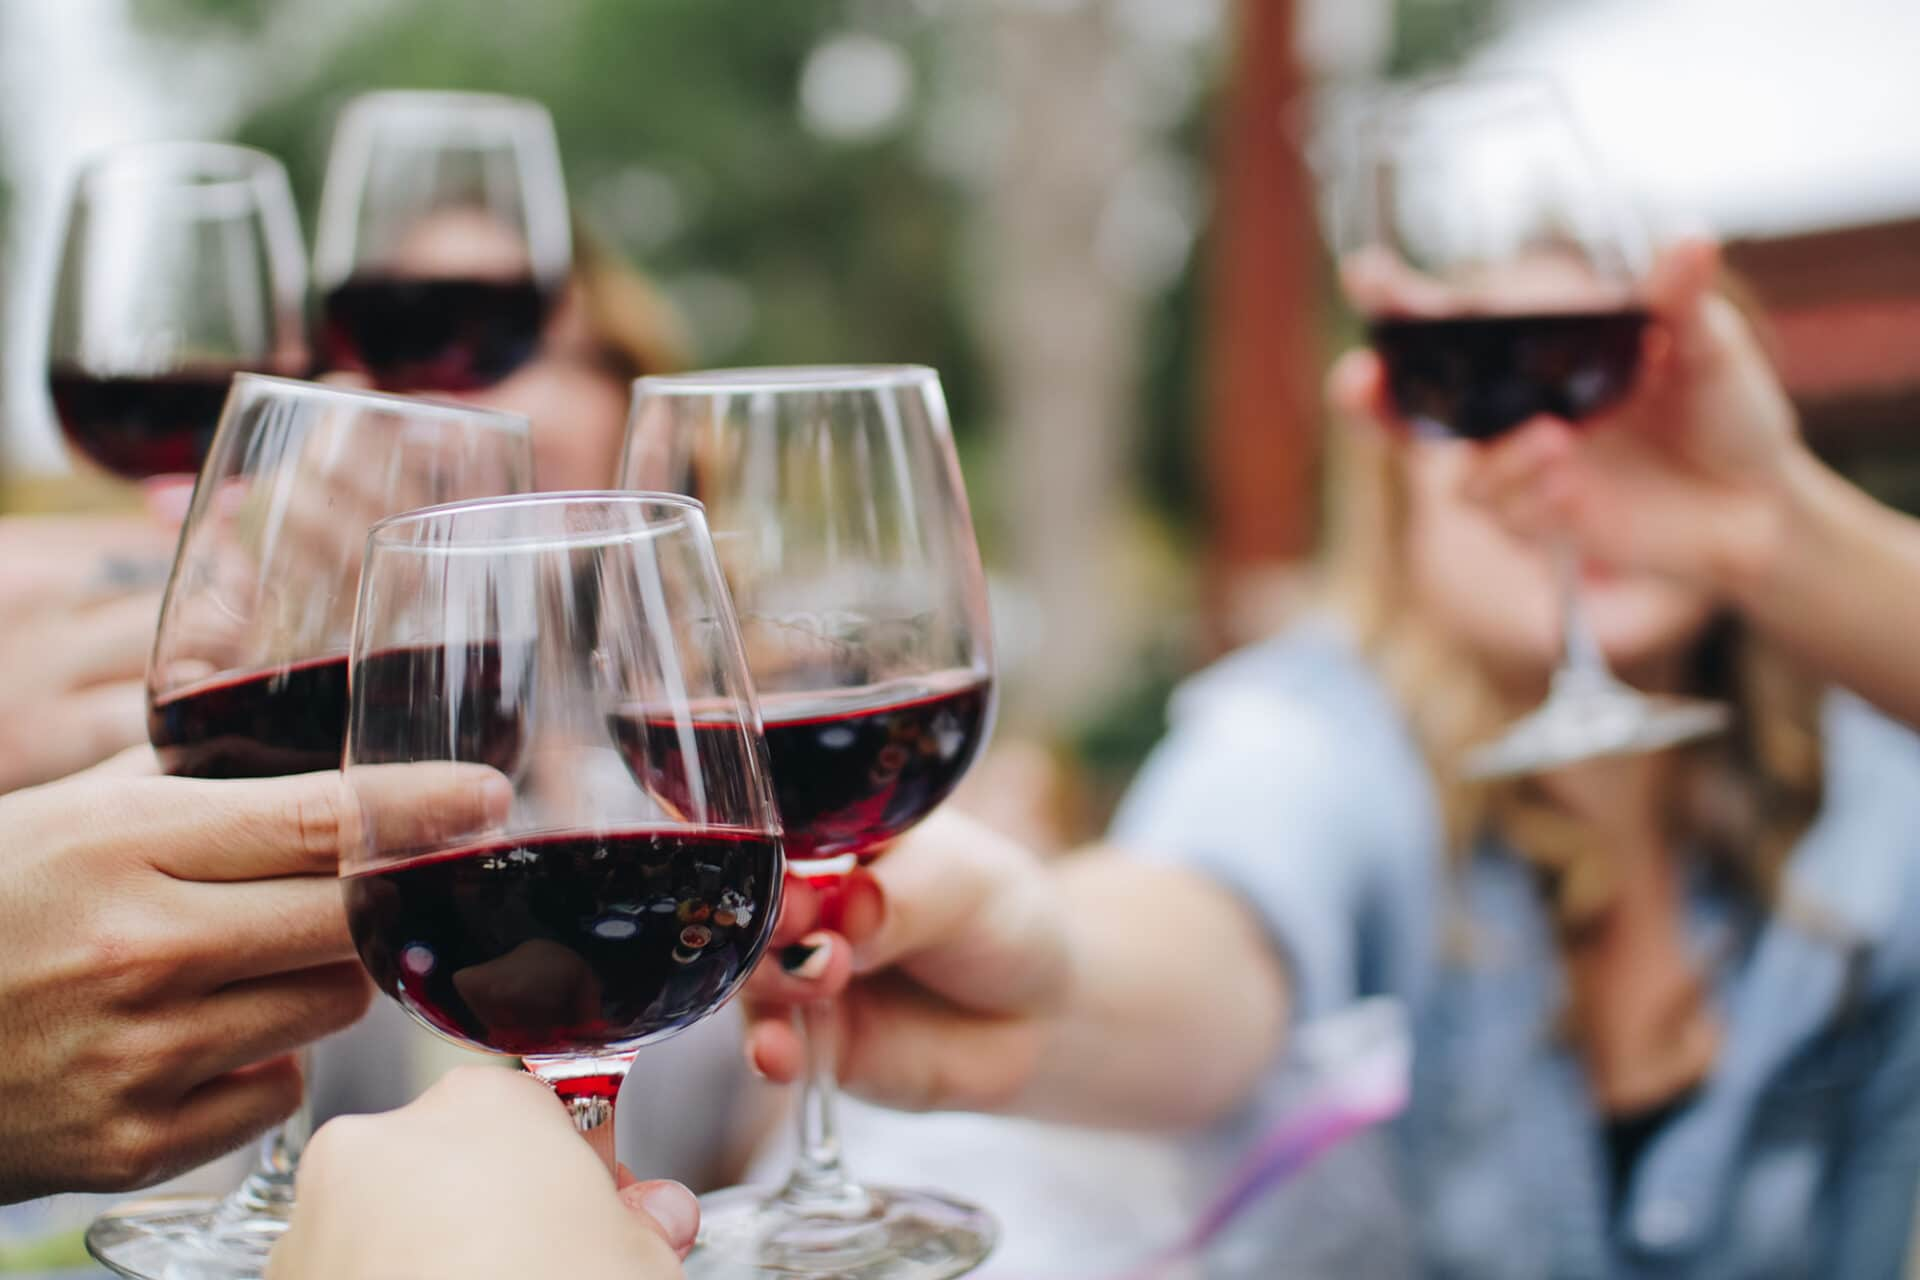 fournisseur de vin pour les entreprises bretagne - kelsey-knight